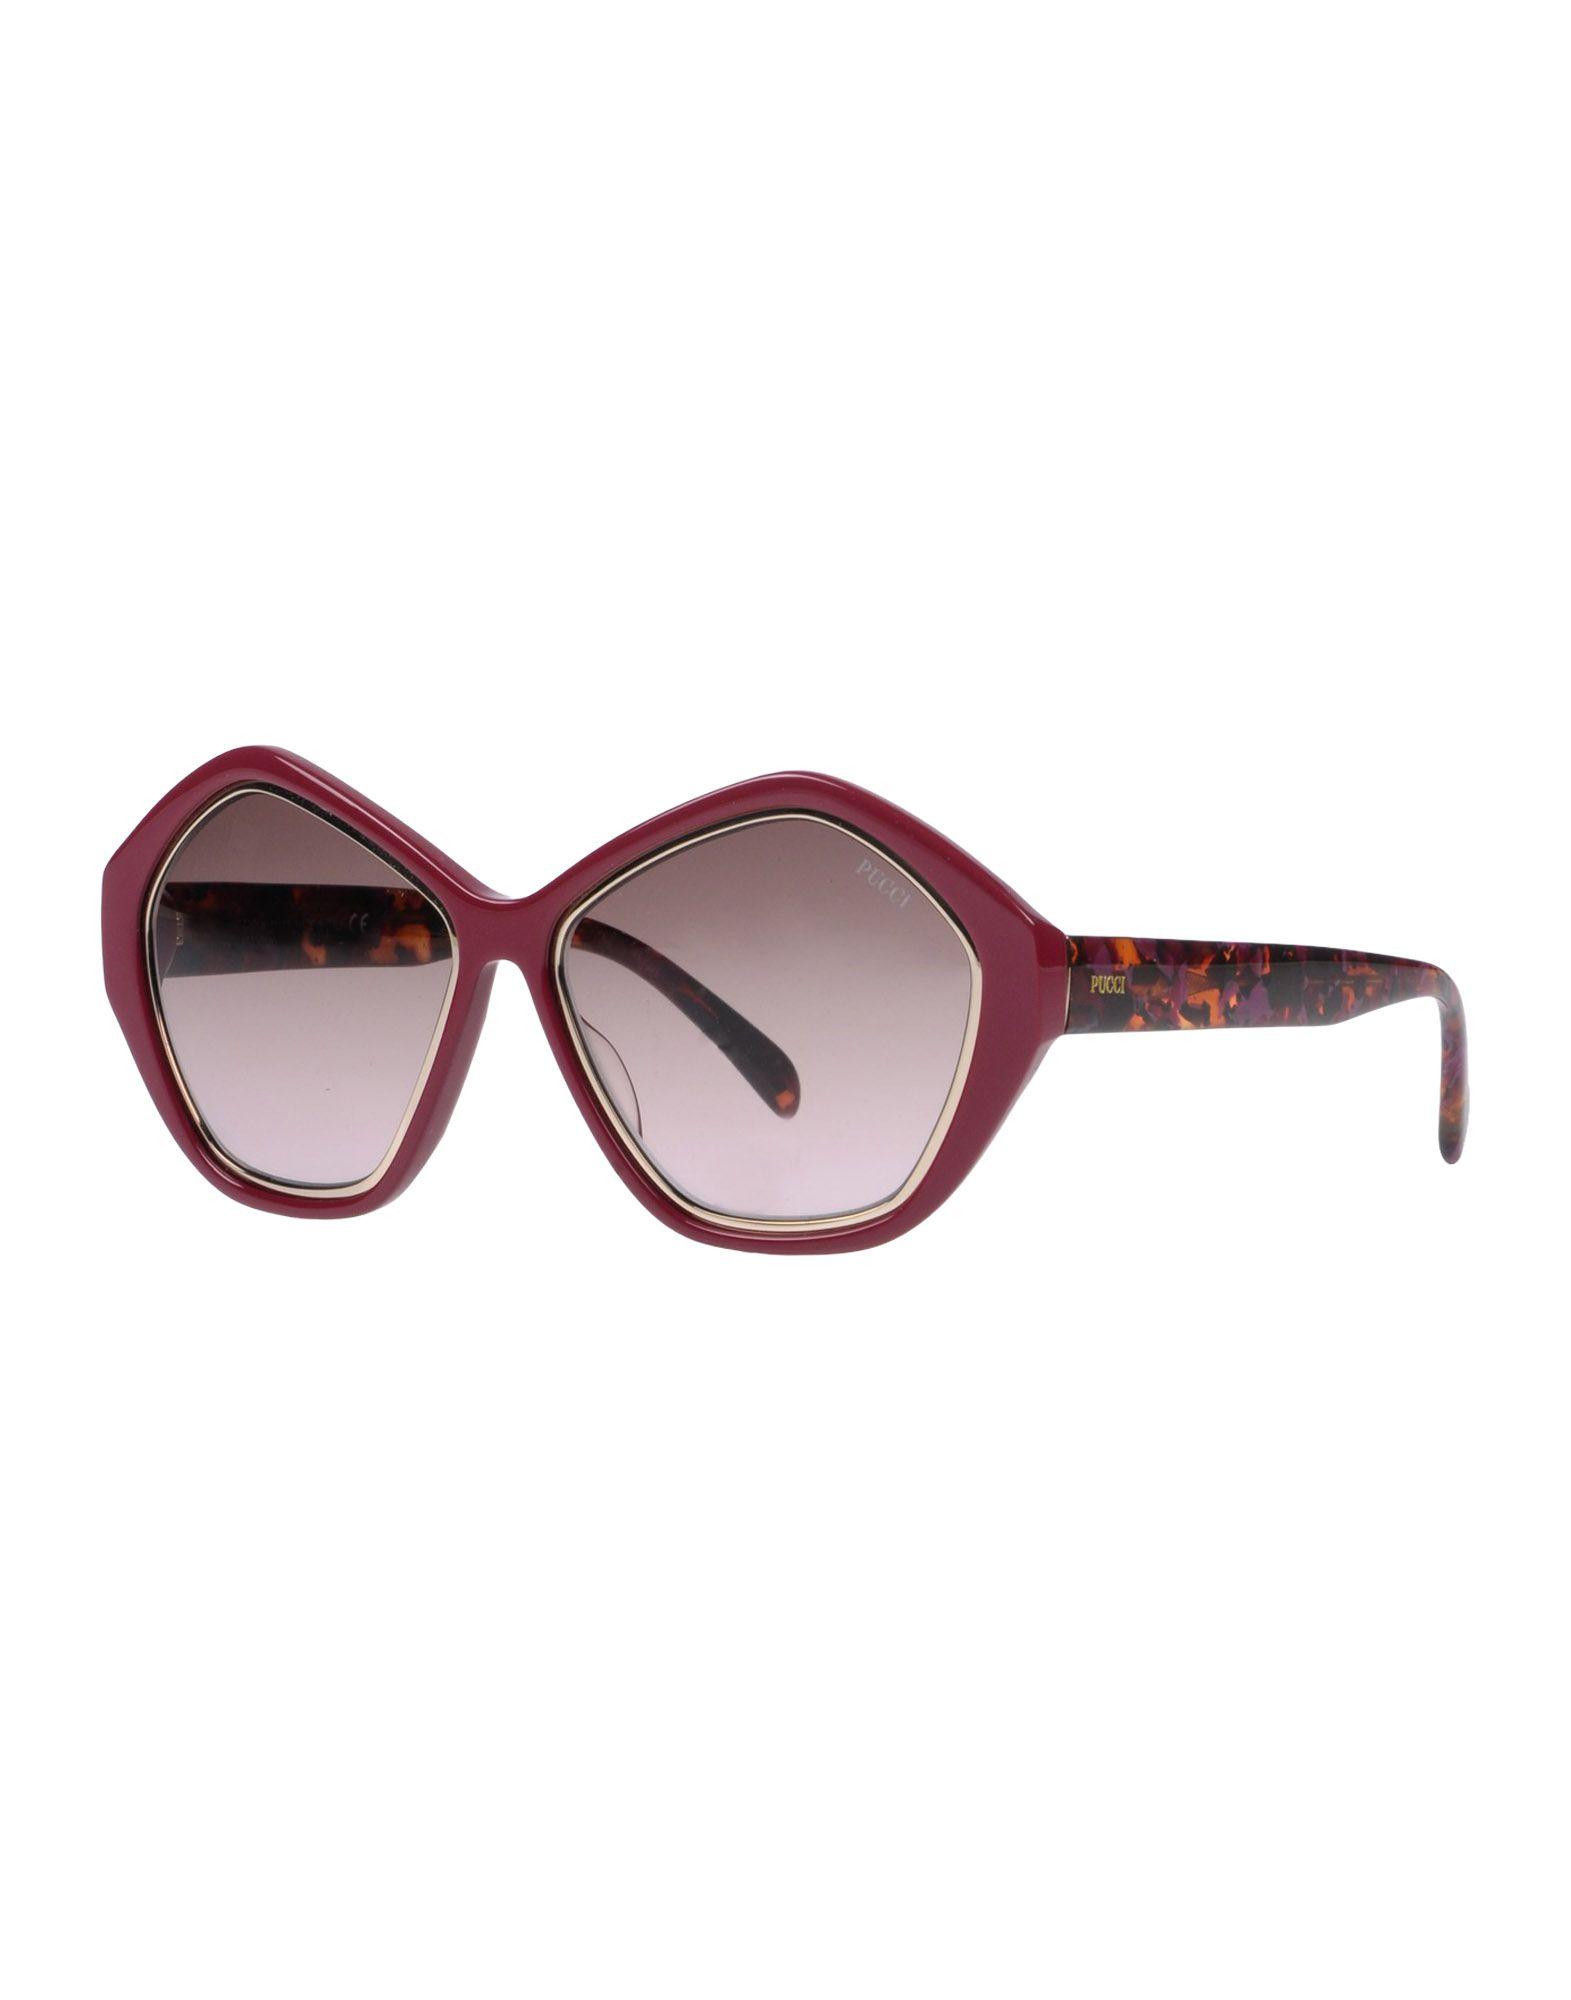 EMILIO PUCCI Damen Brille Farbe Purpur Größe 1